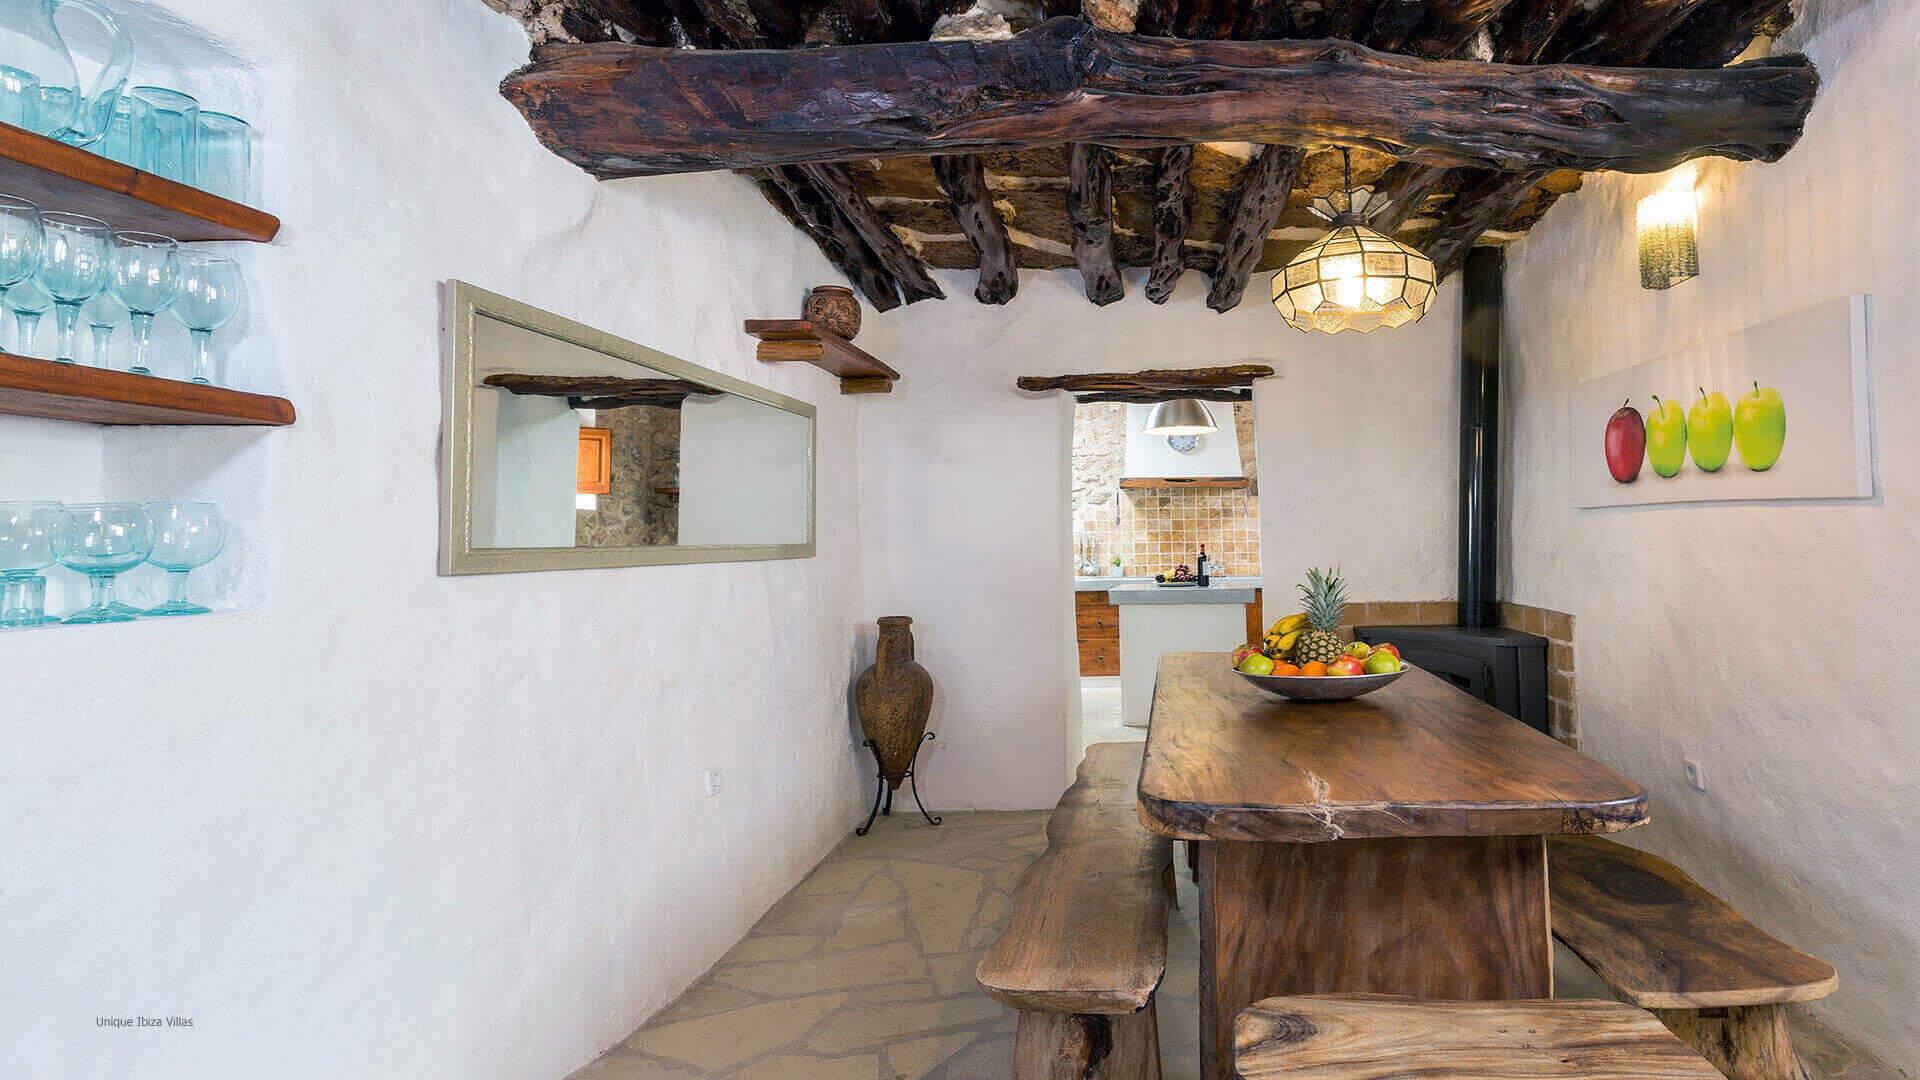 Villa Jade Ibiza 27 Cala Vadella